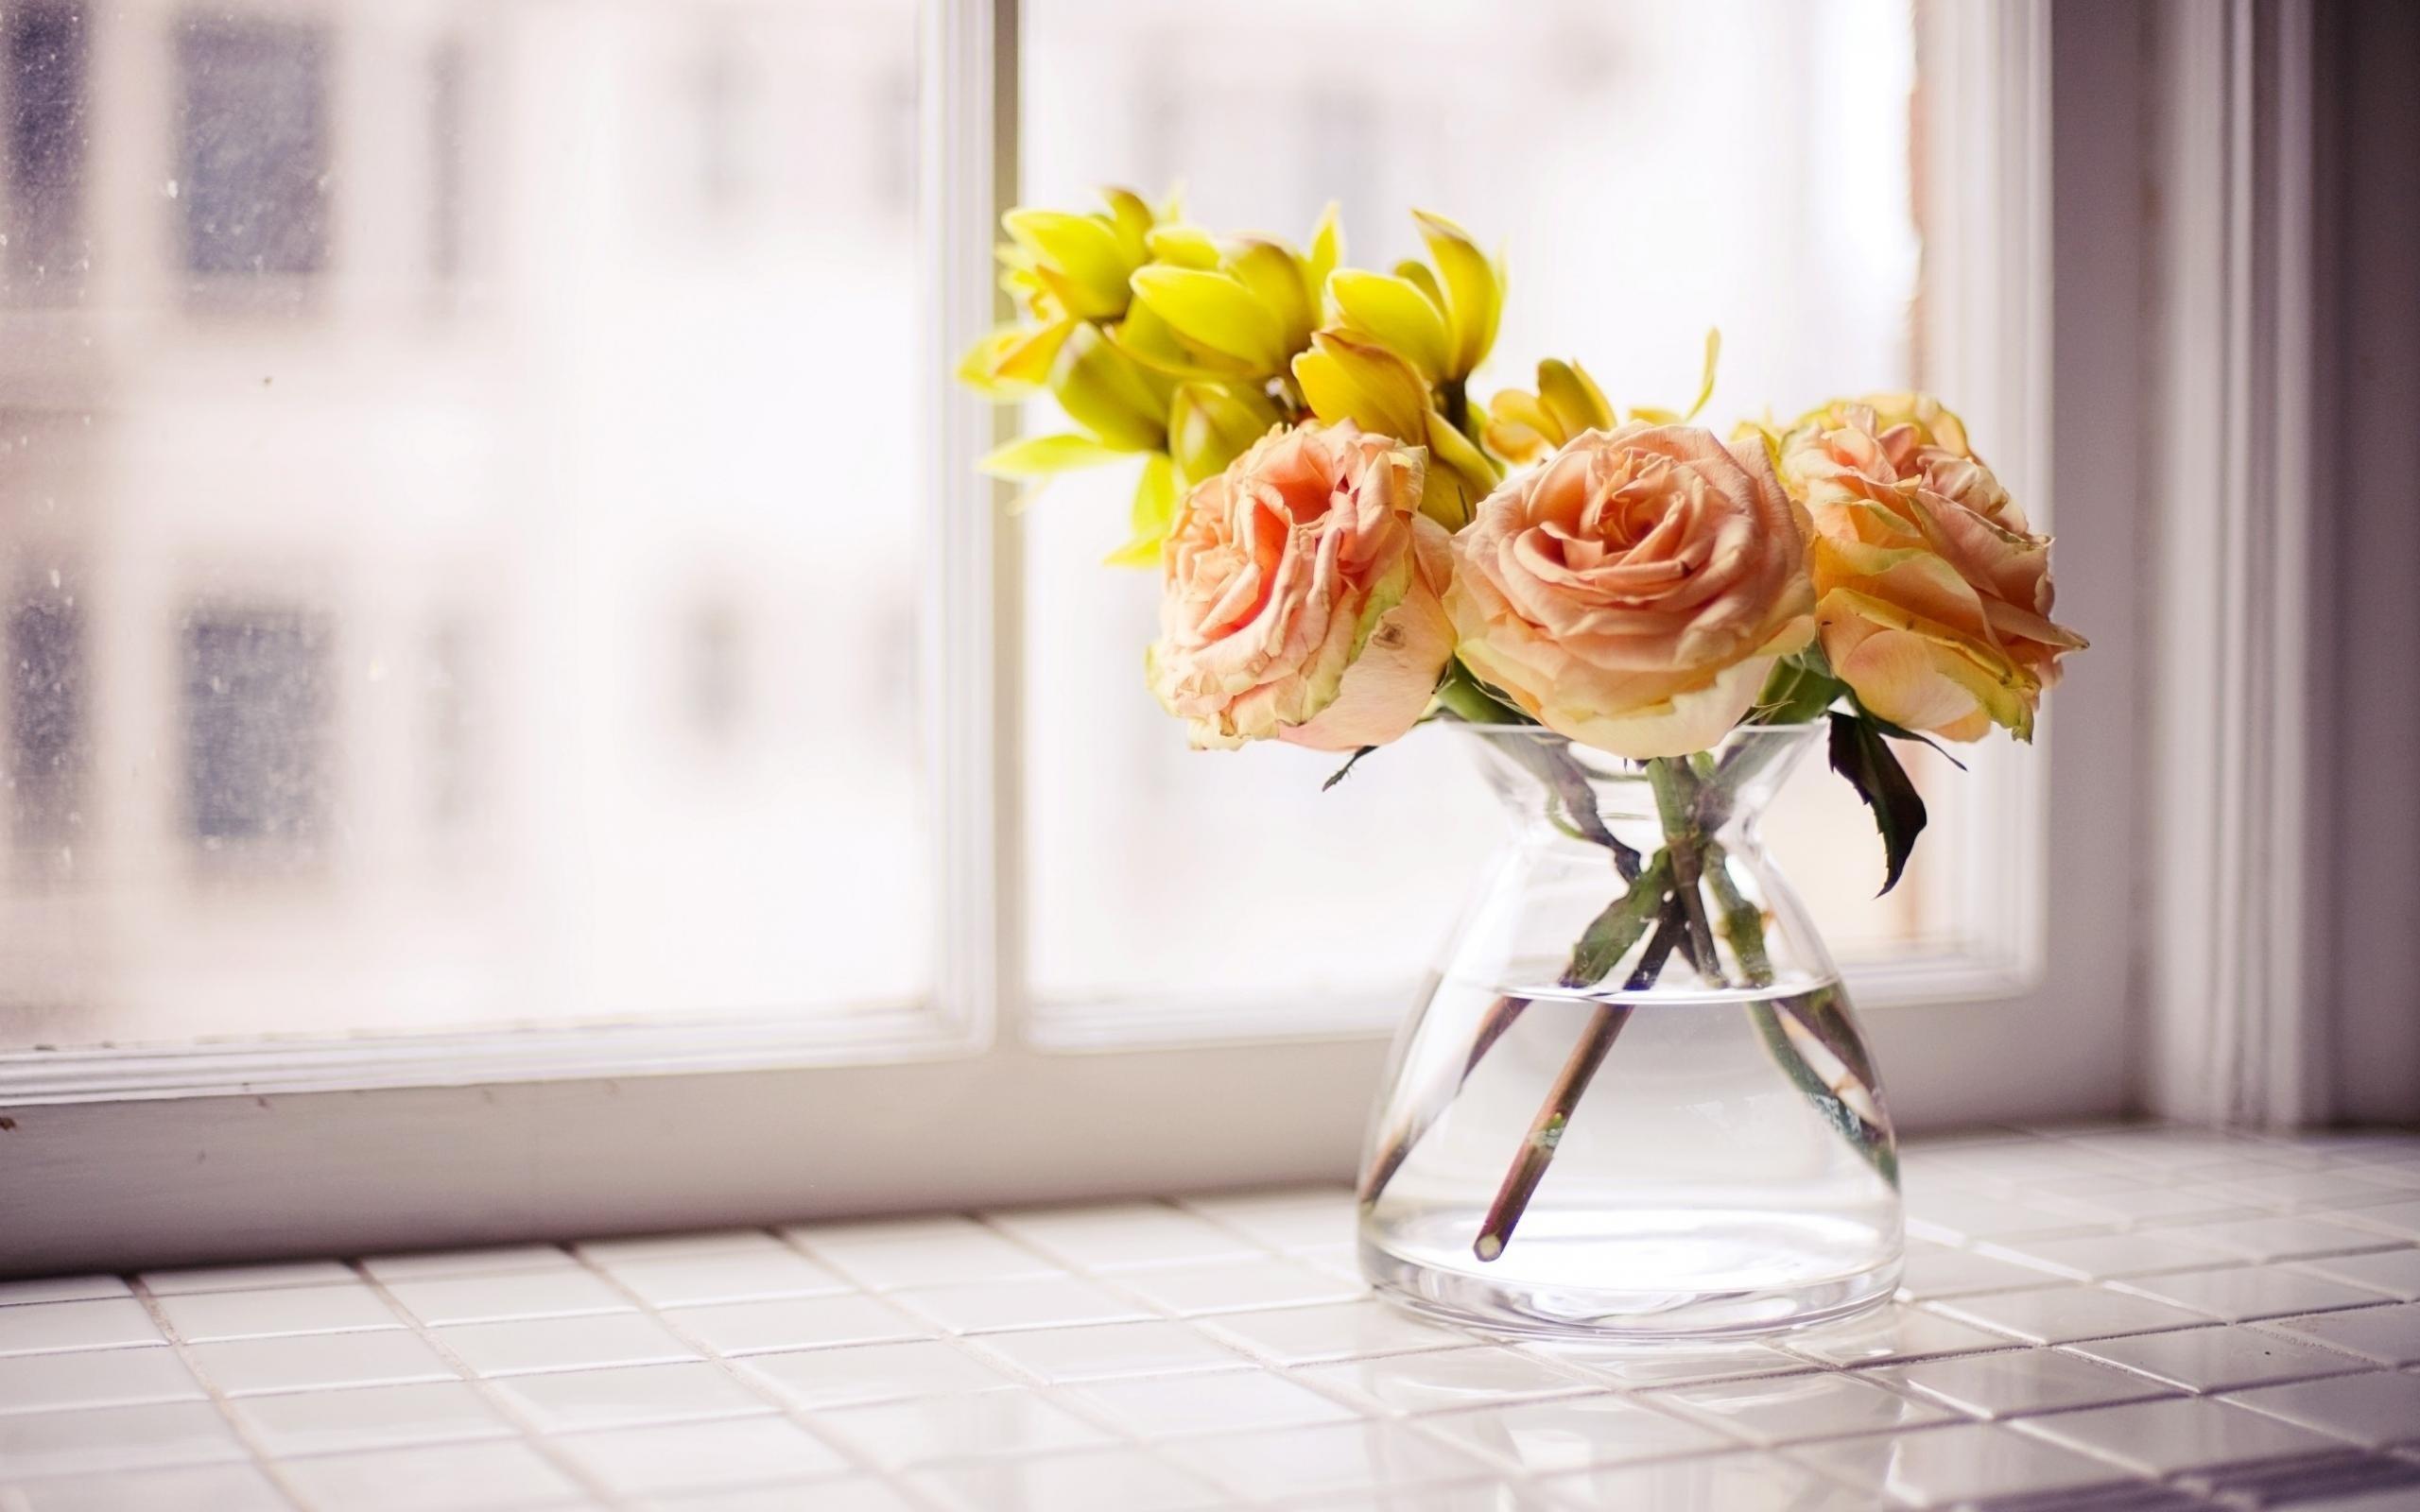 Roses Flowers Bouquet Vase